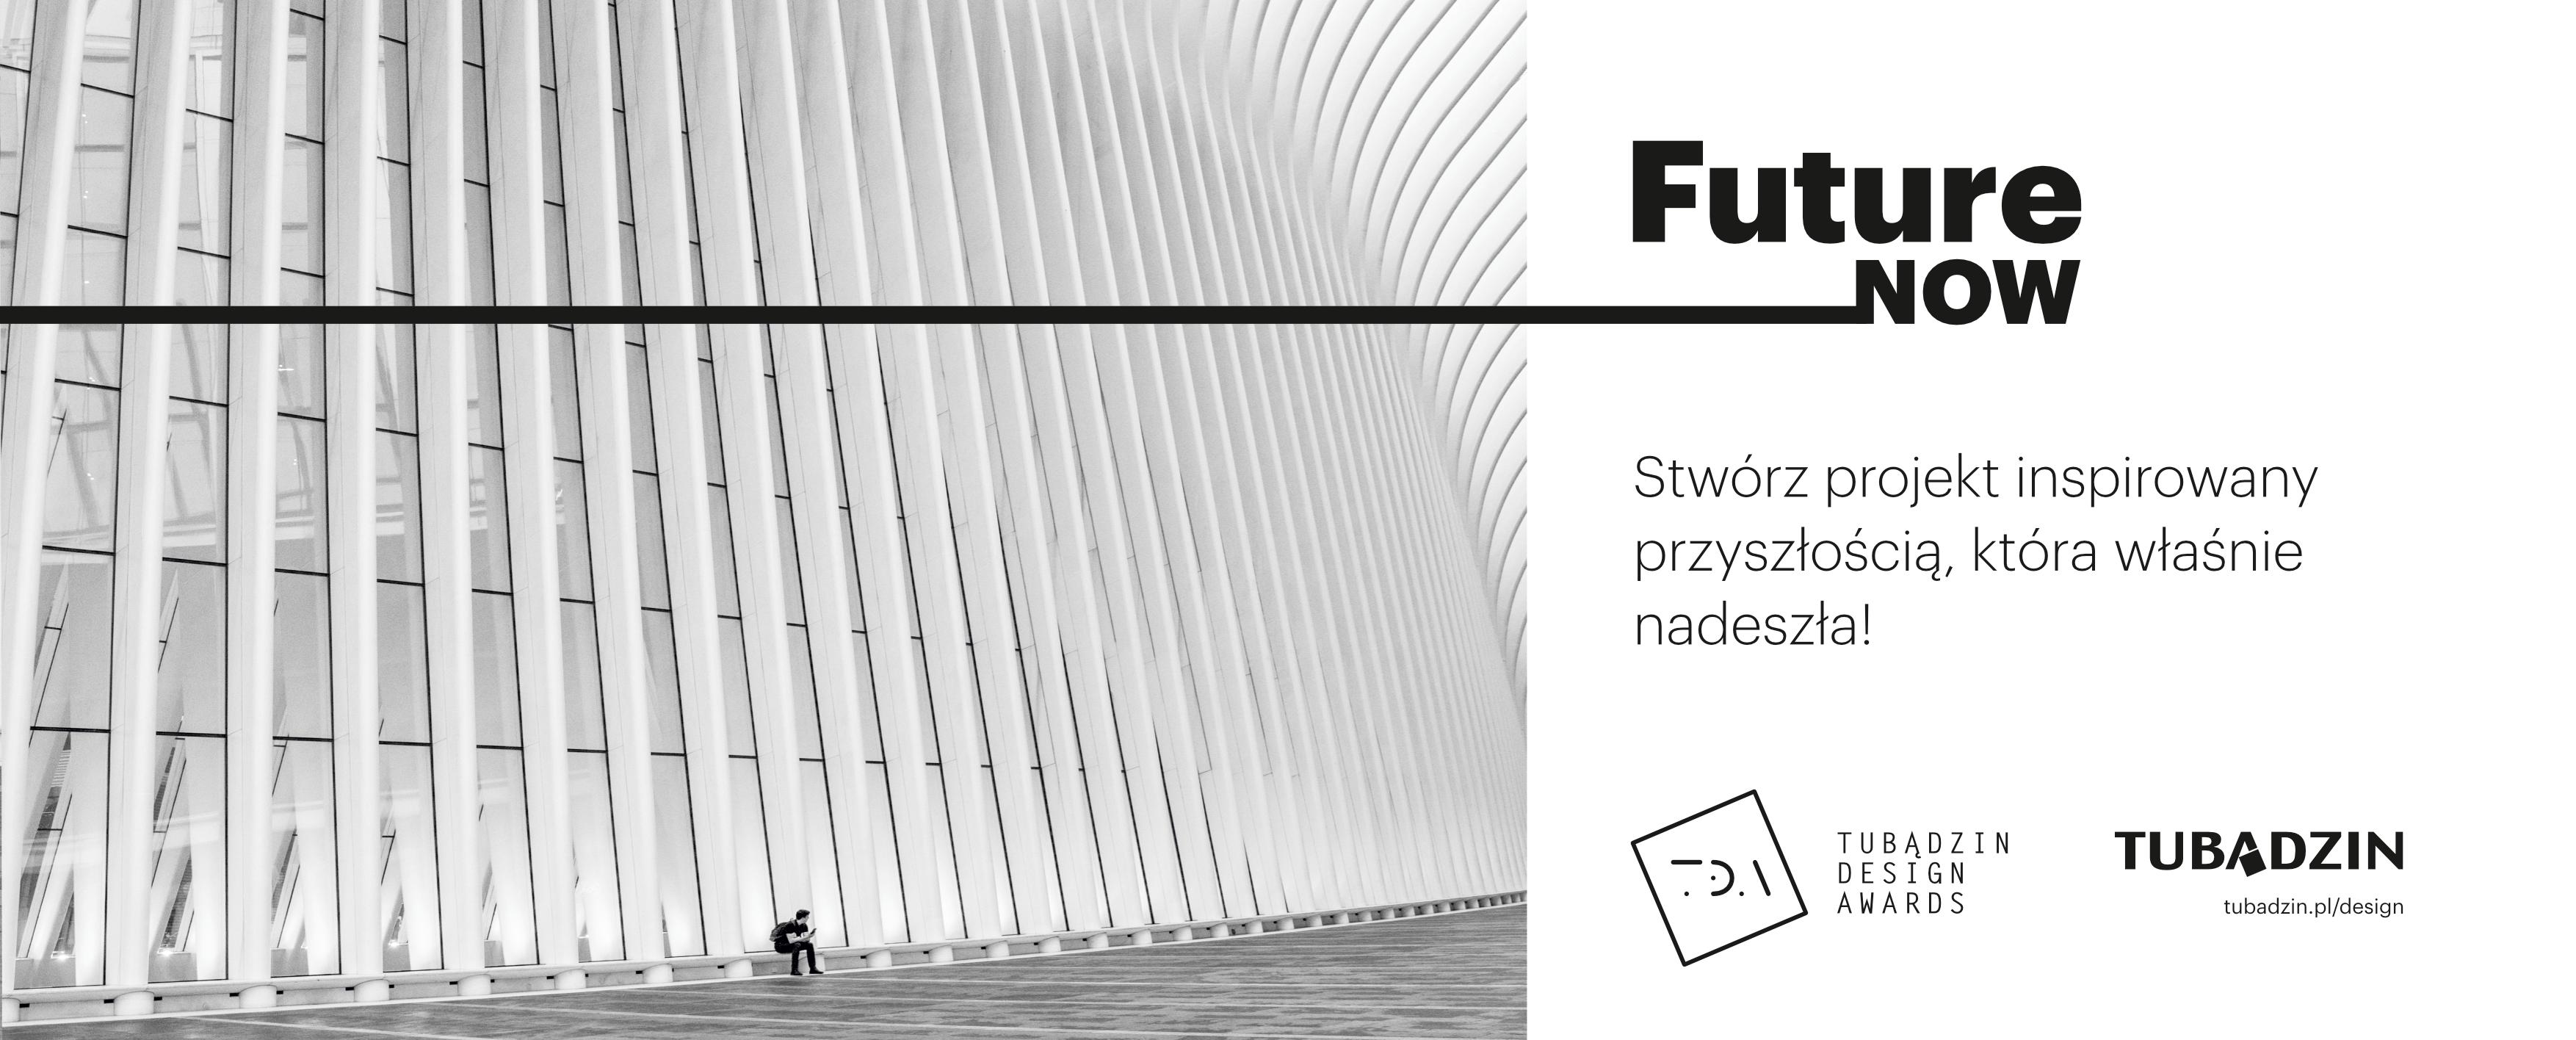 FutureNow – dodatkowa kategoria Tubądzin Design Awards!